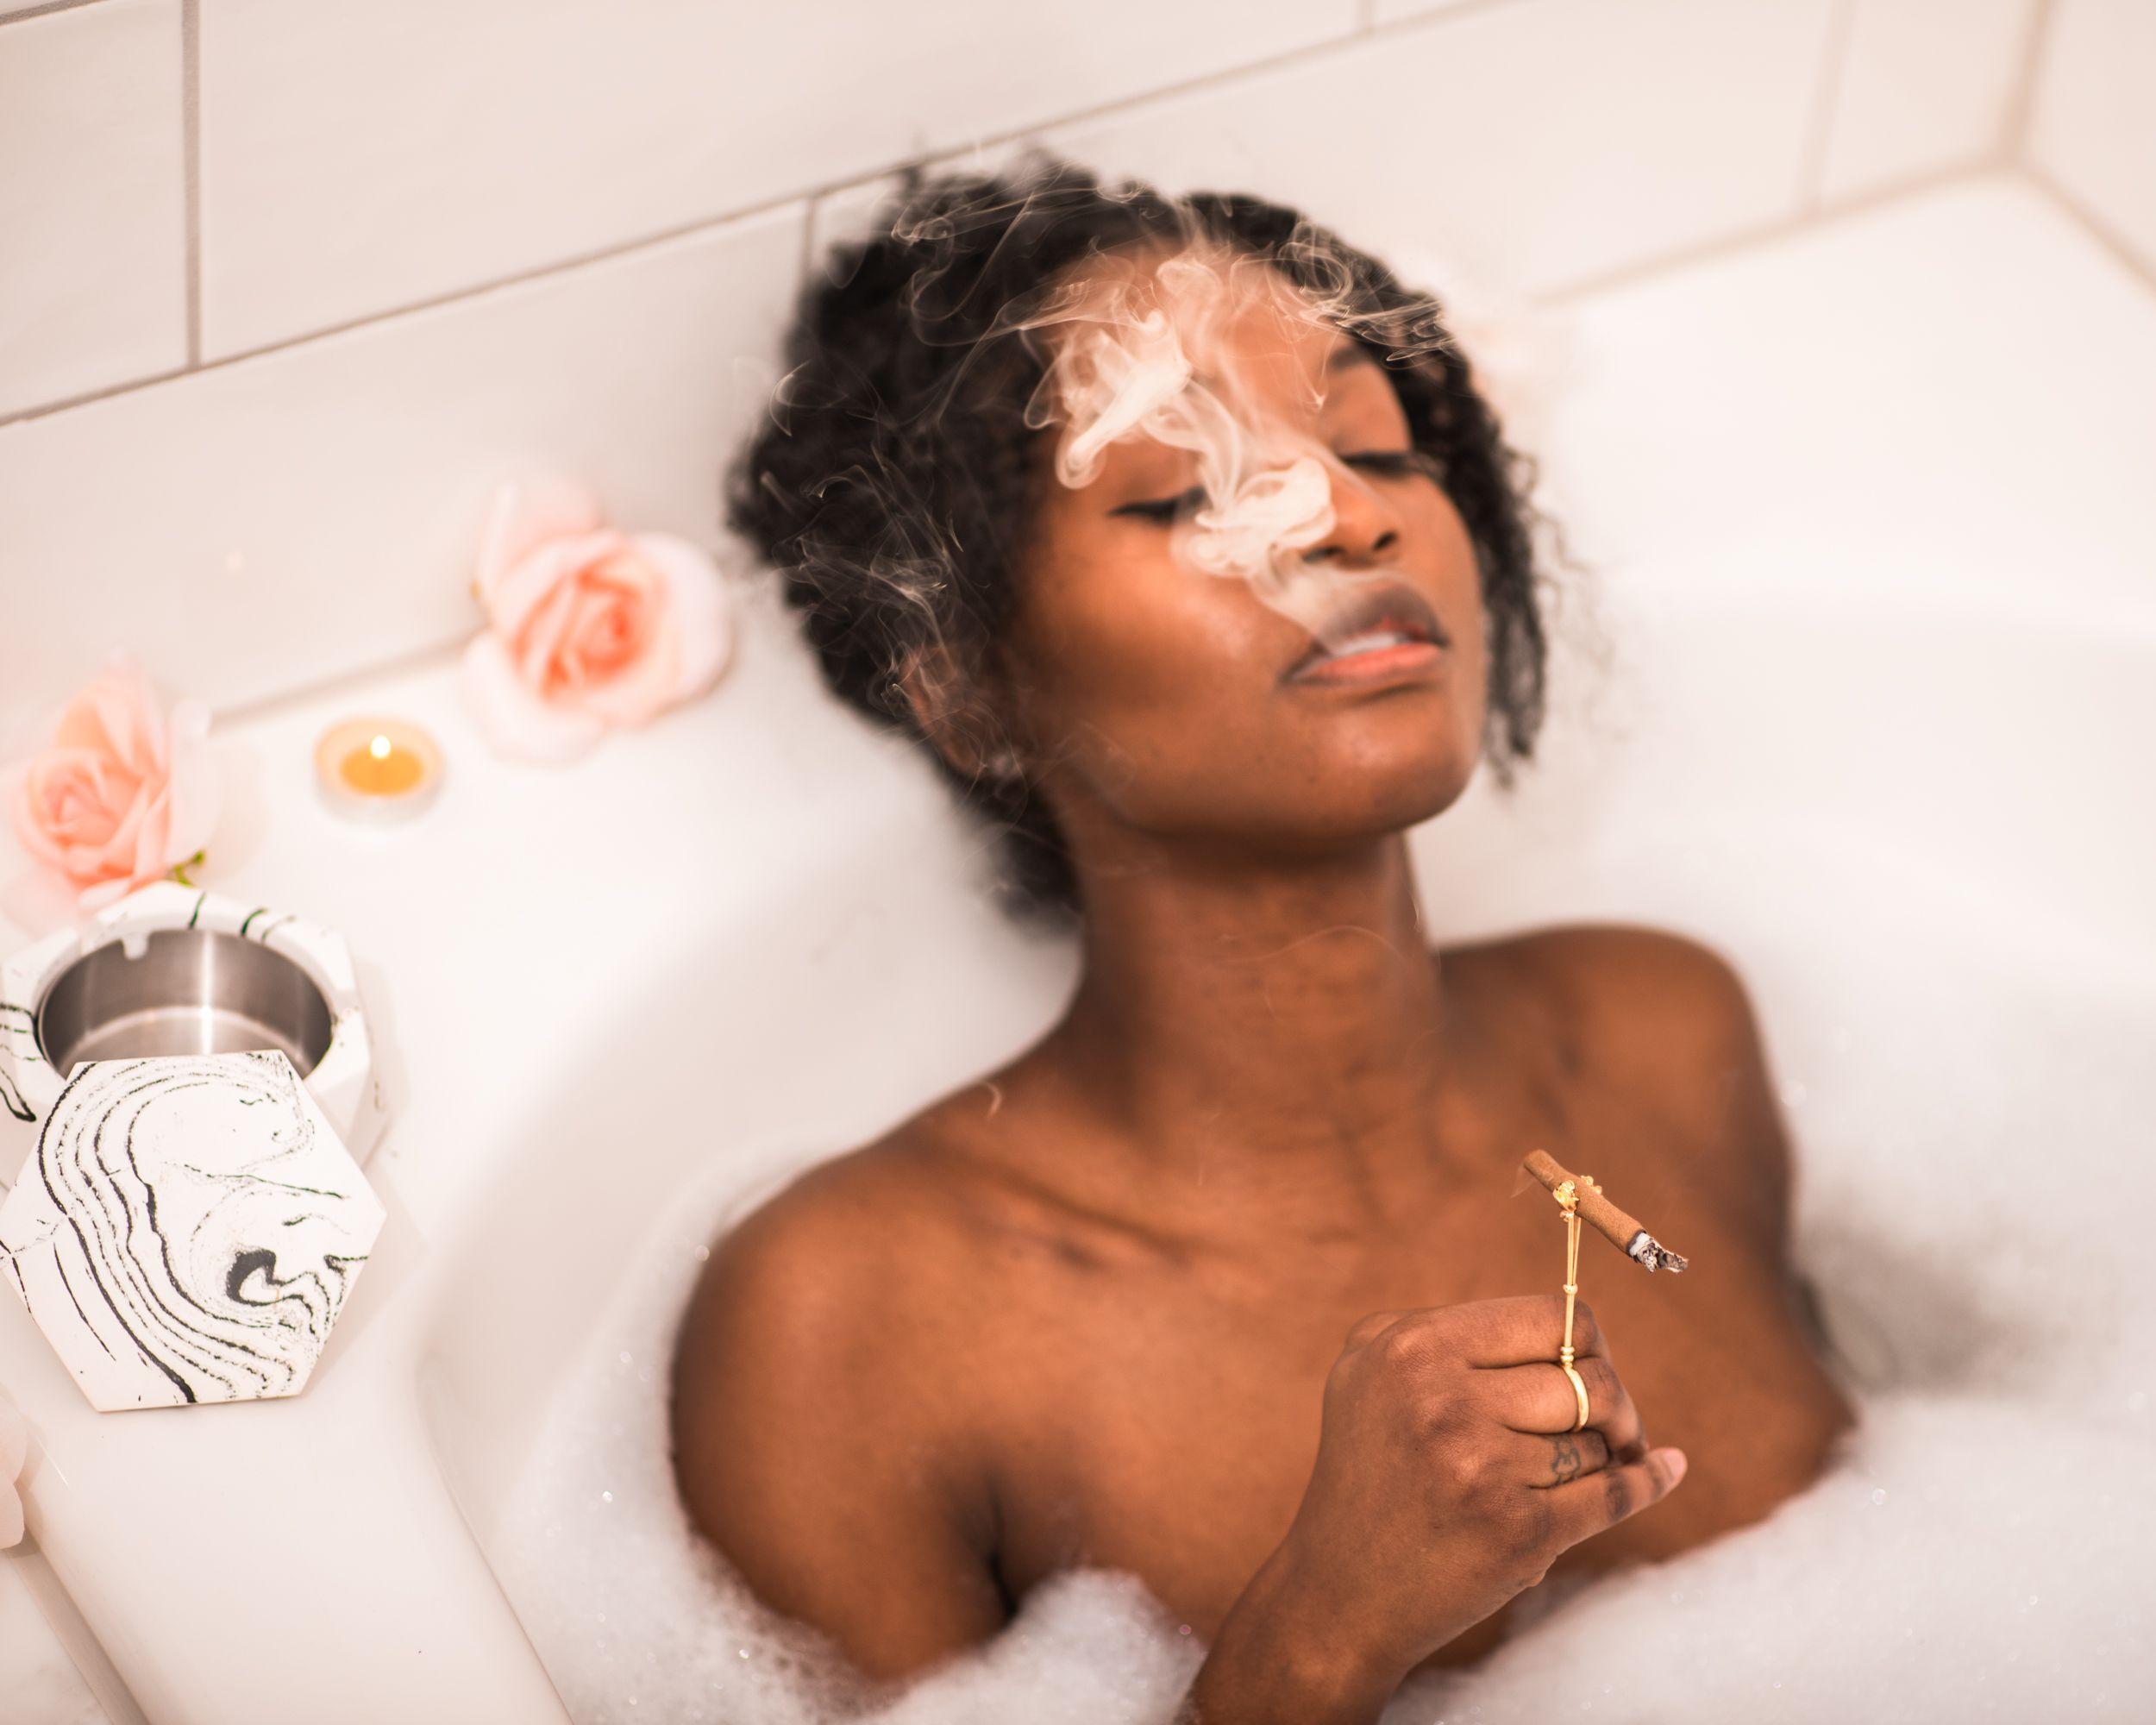 Black Woman Smoking Marijuana